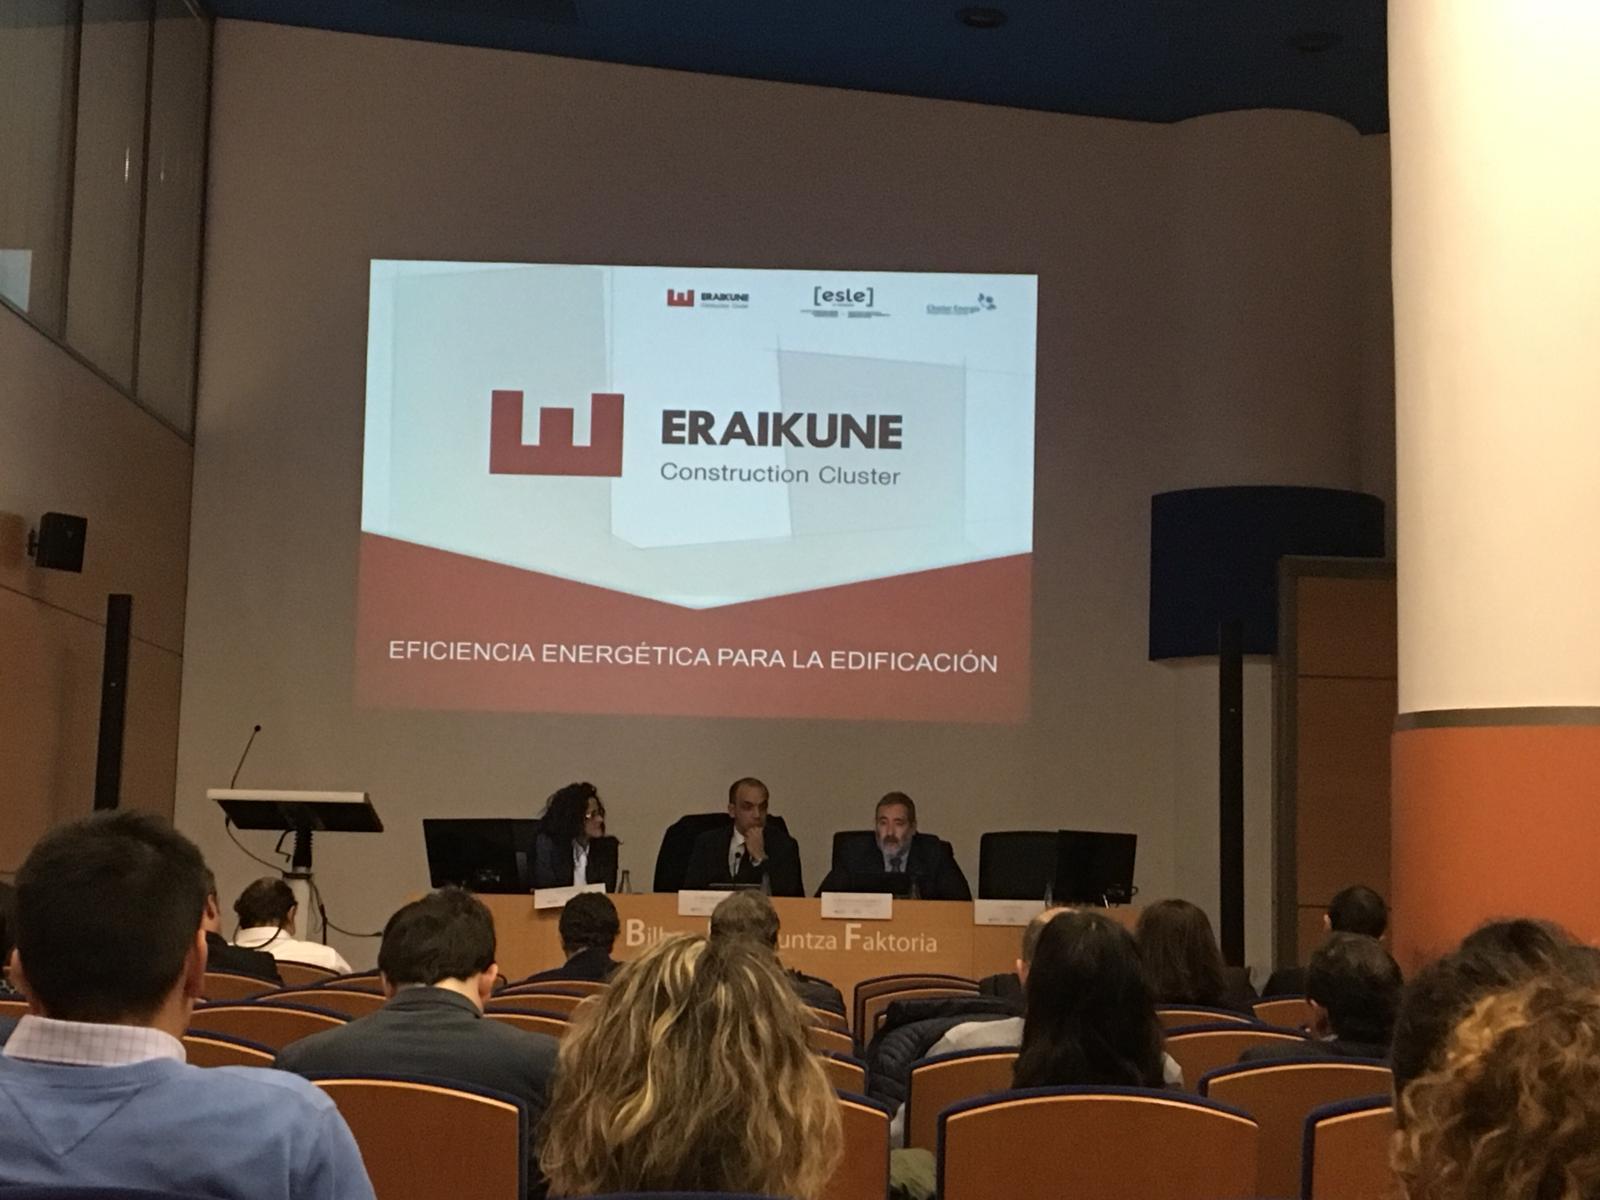 imagen 3 de noticia: participamos-como-ponentes-en-la-jornada-eficiencia-energtica-para-la-edificacin-tecnologas-smart-y-certificacin-organizada-por-eraikune